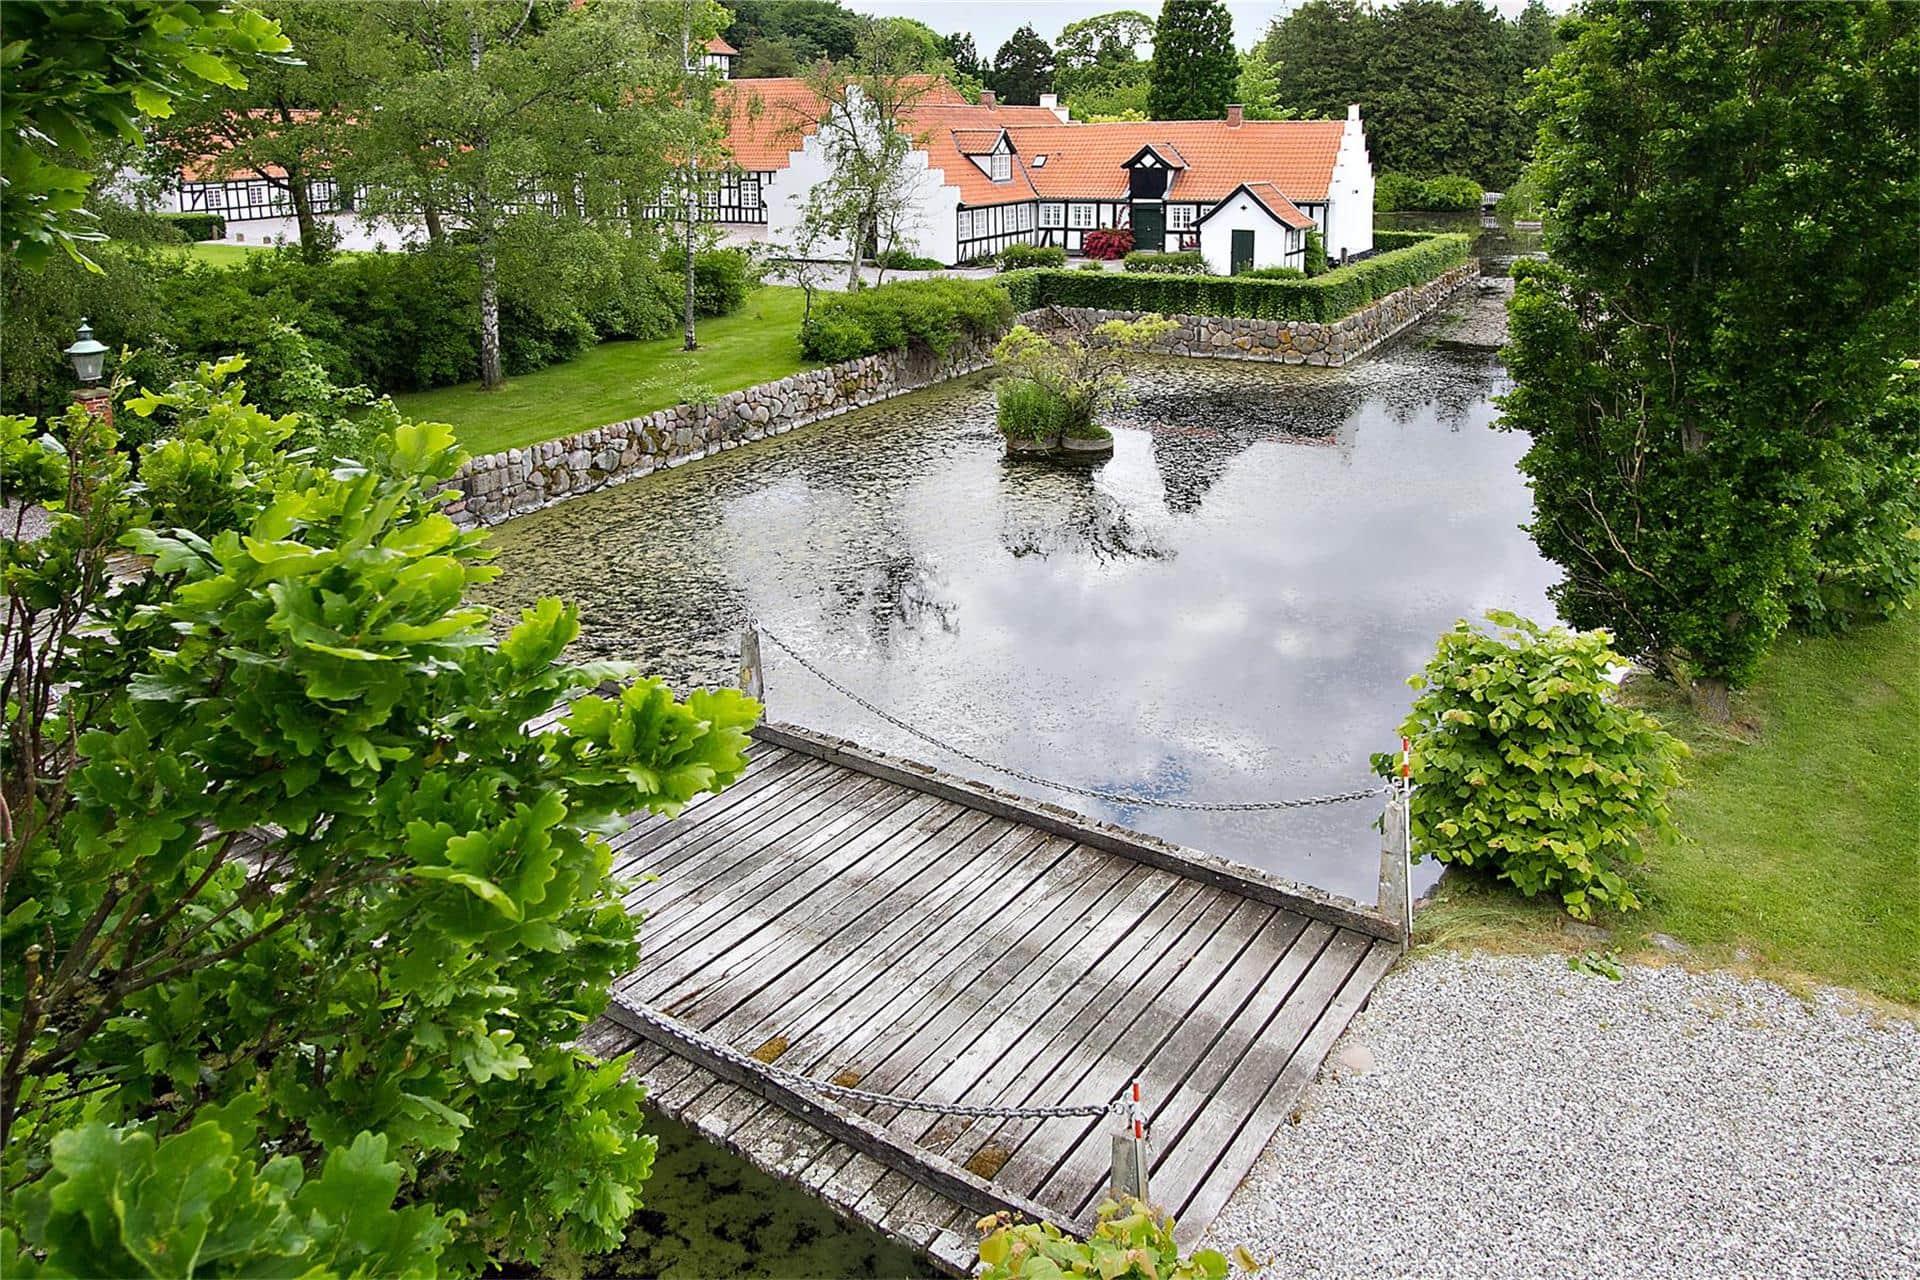 Bild 1-3 Stuga M667191, Risingevej 7, DK - 5540 Ullerslev